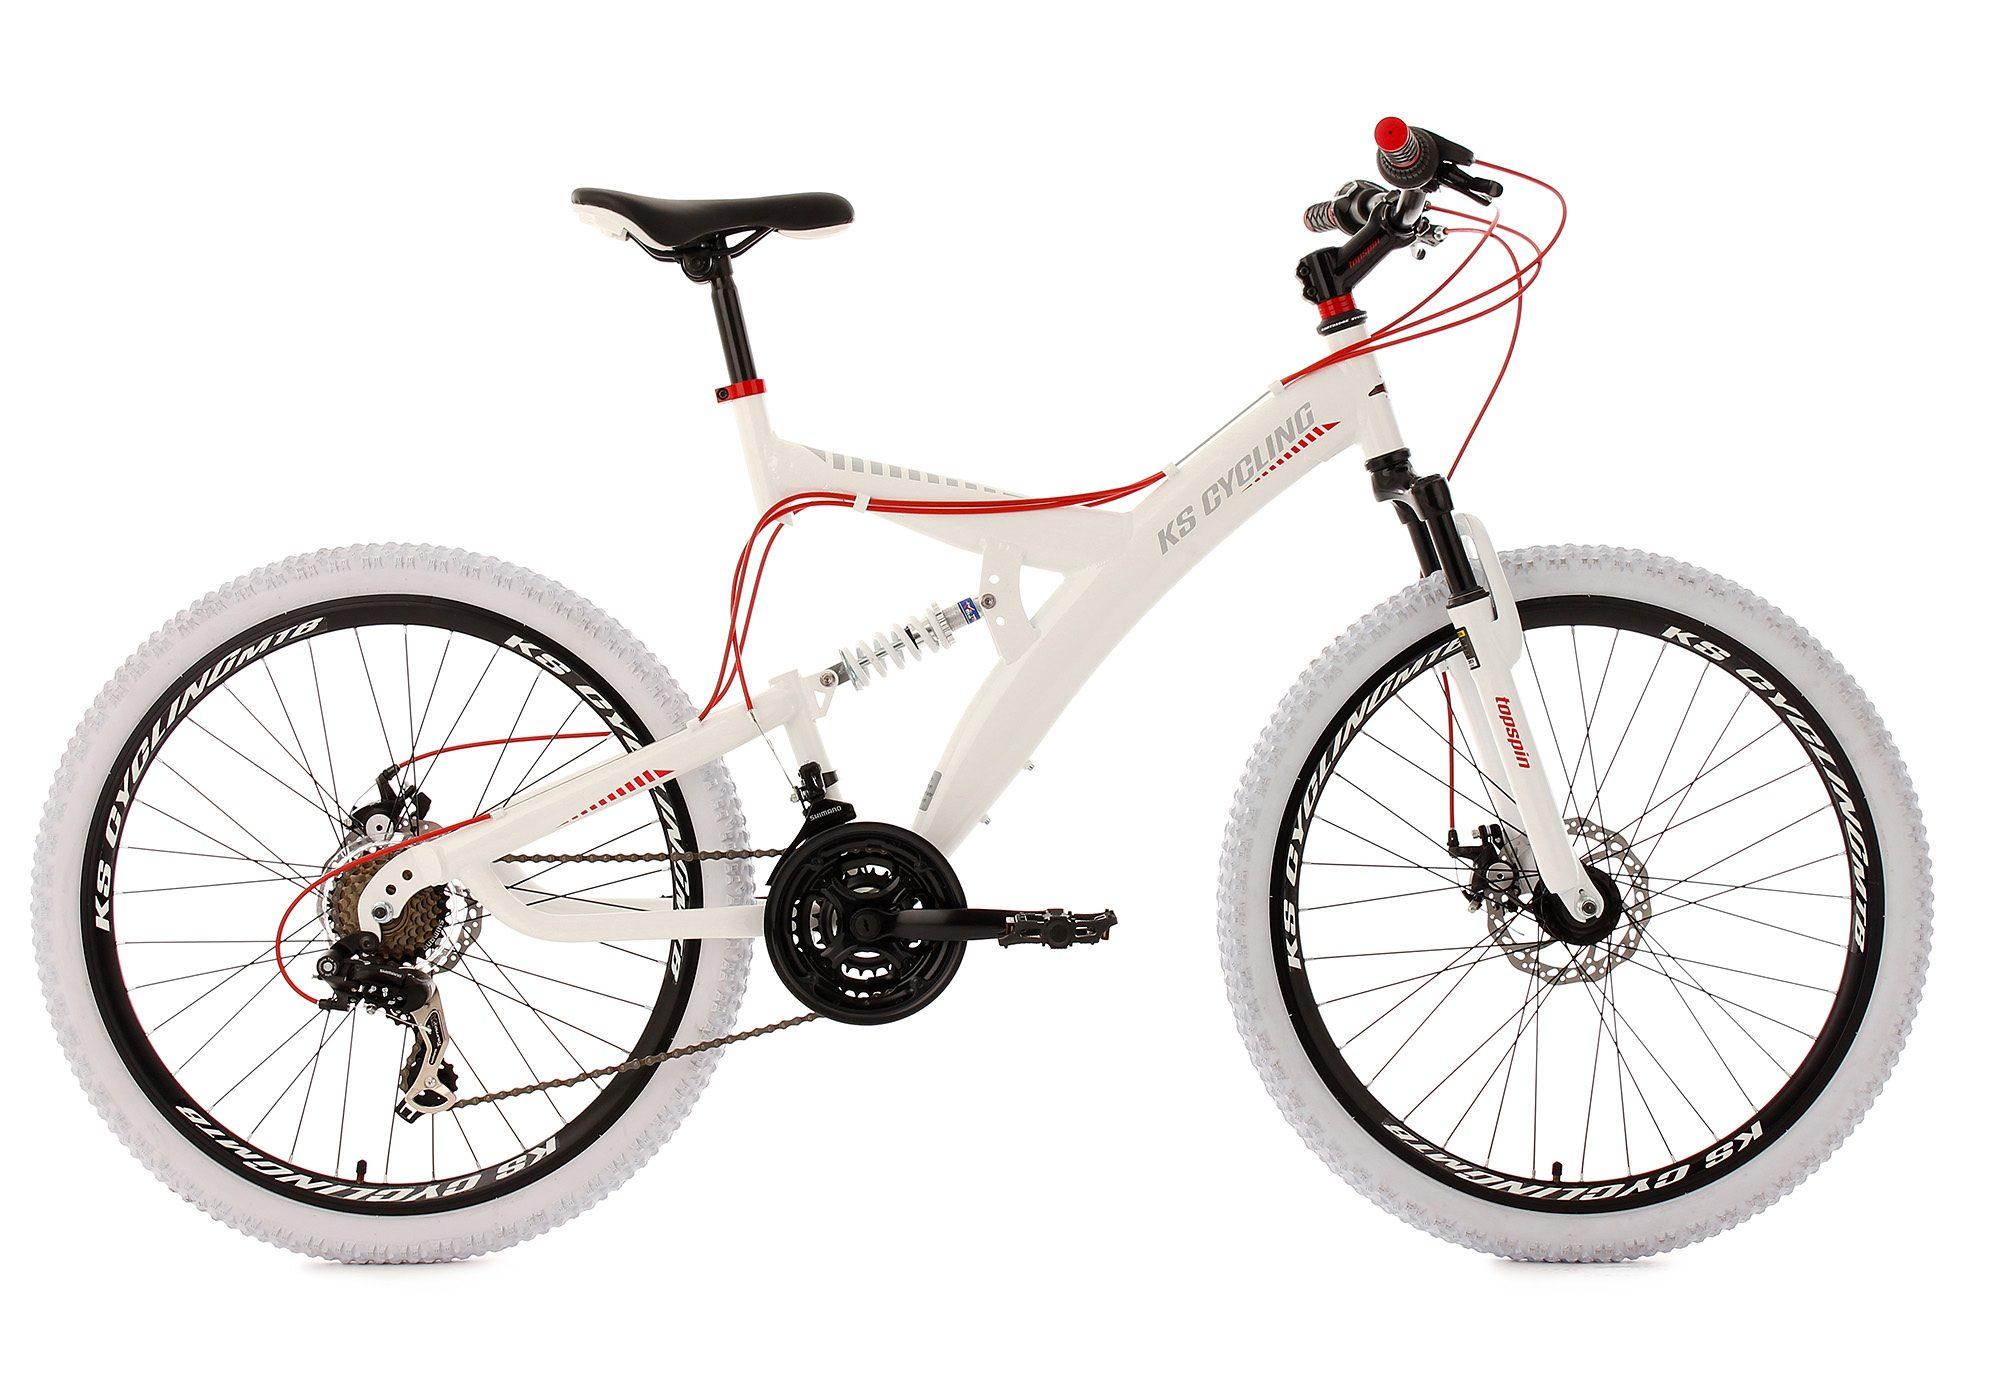 KS Cycling Fully-Mountainbike, 26 Zoll, weiß-rot, 21-Gang-Kettenschaltung, »Topspin«